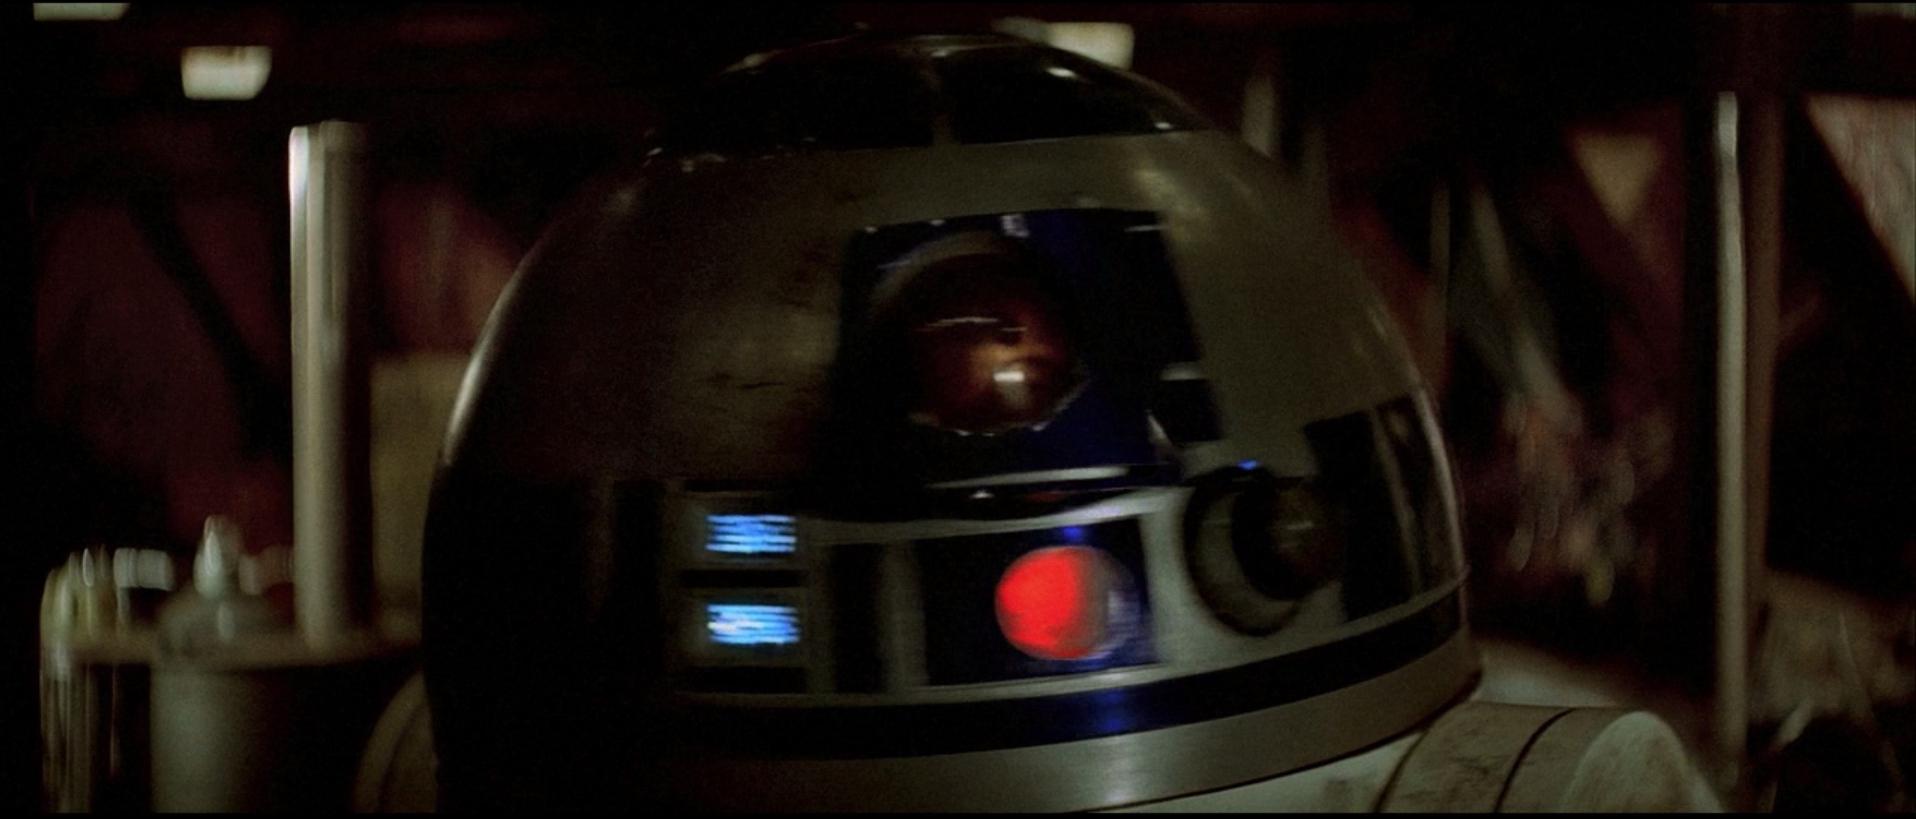 R2D2-eye